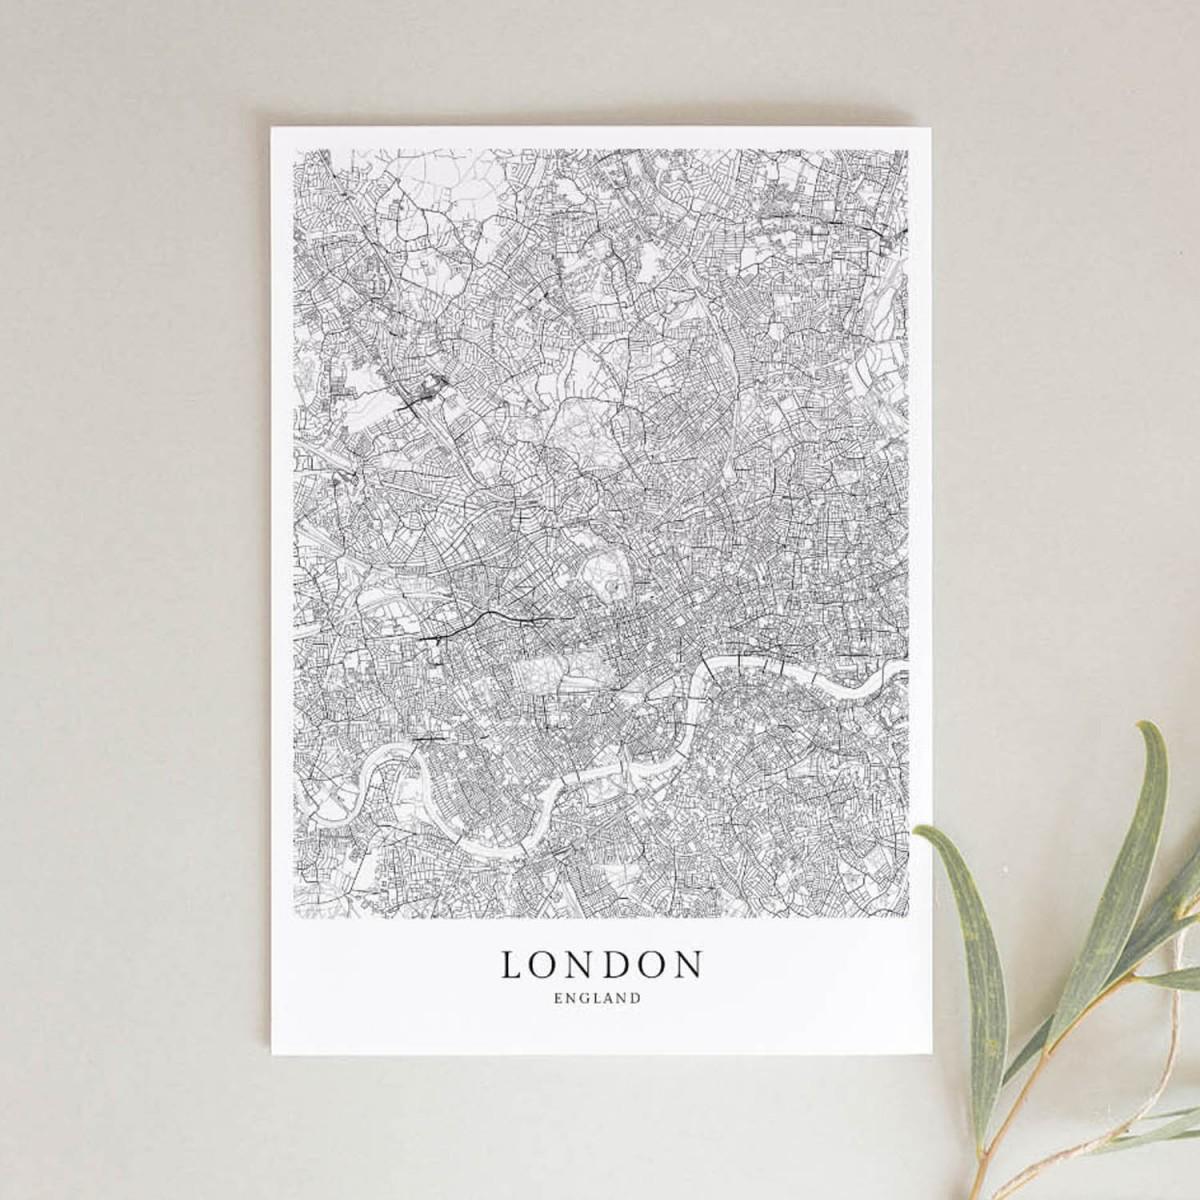 London Karte als hochwertiger Print - Posterdruck im skandinavischen Stil von Skanemarie